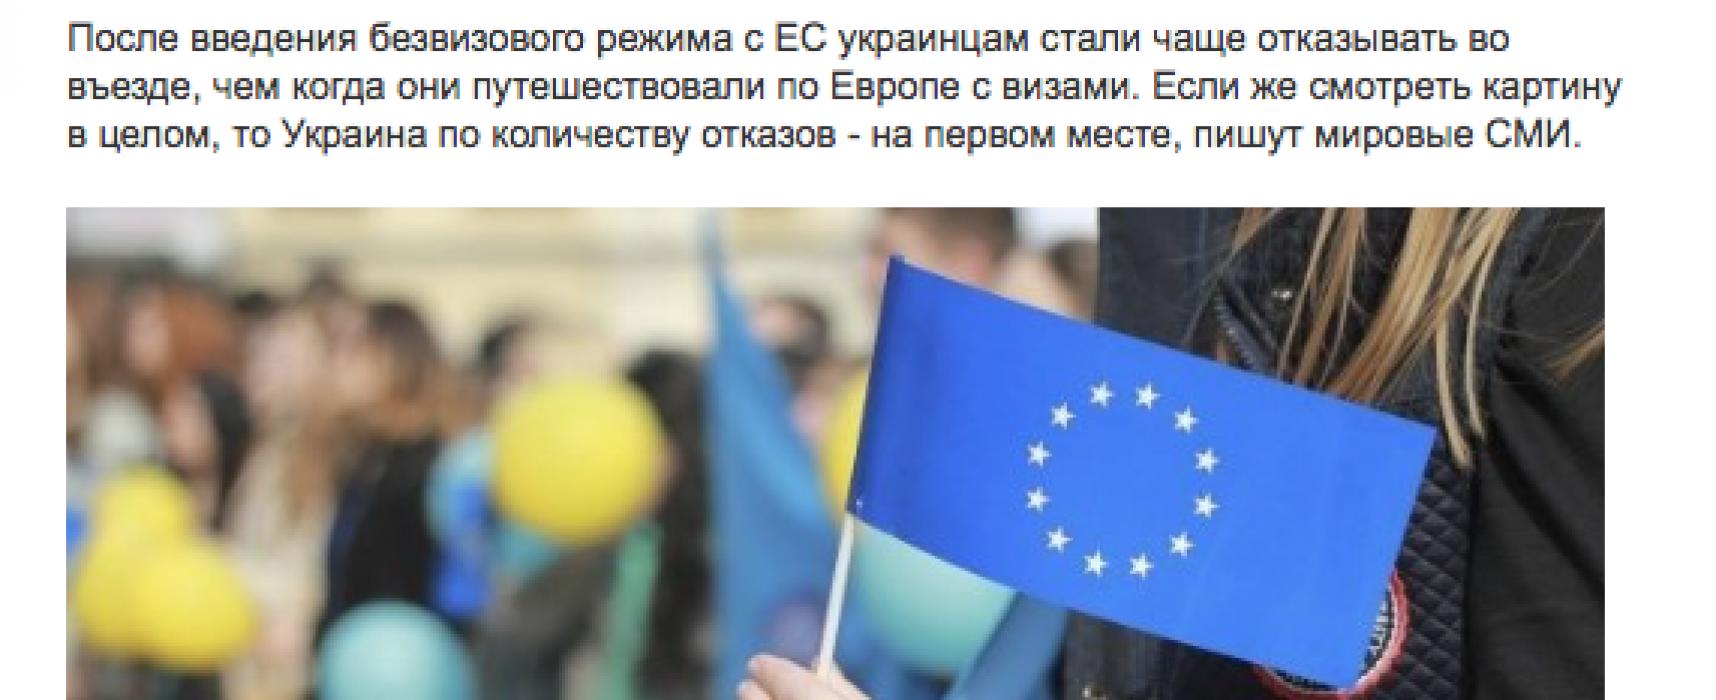 Fake: Občané Ukrajiny jsou masově deportováni z EU a Izraele